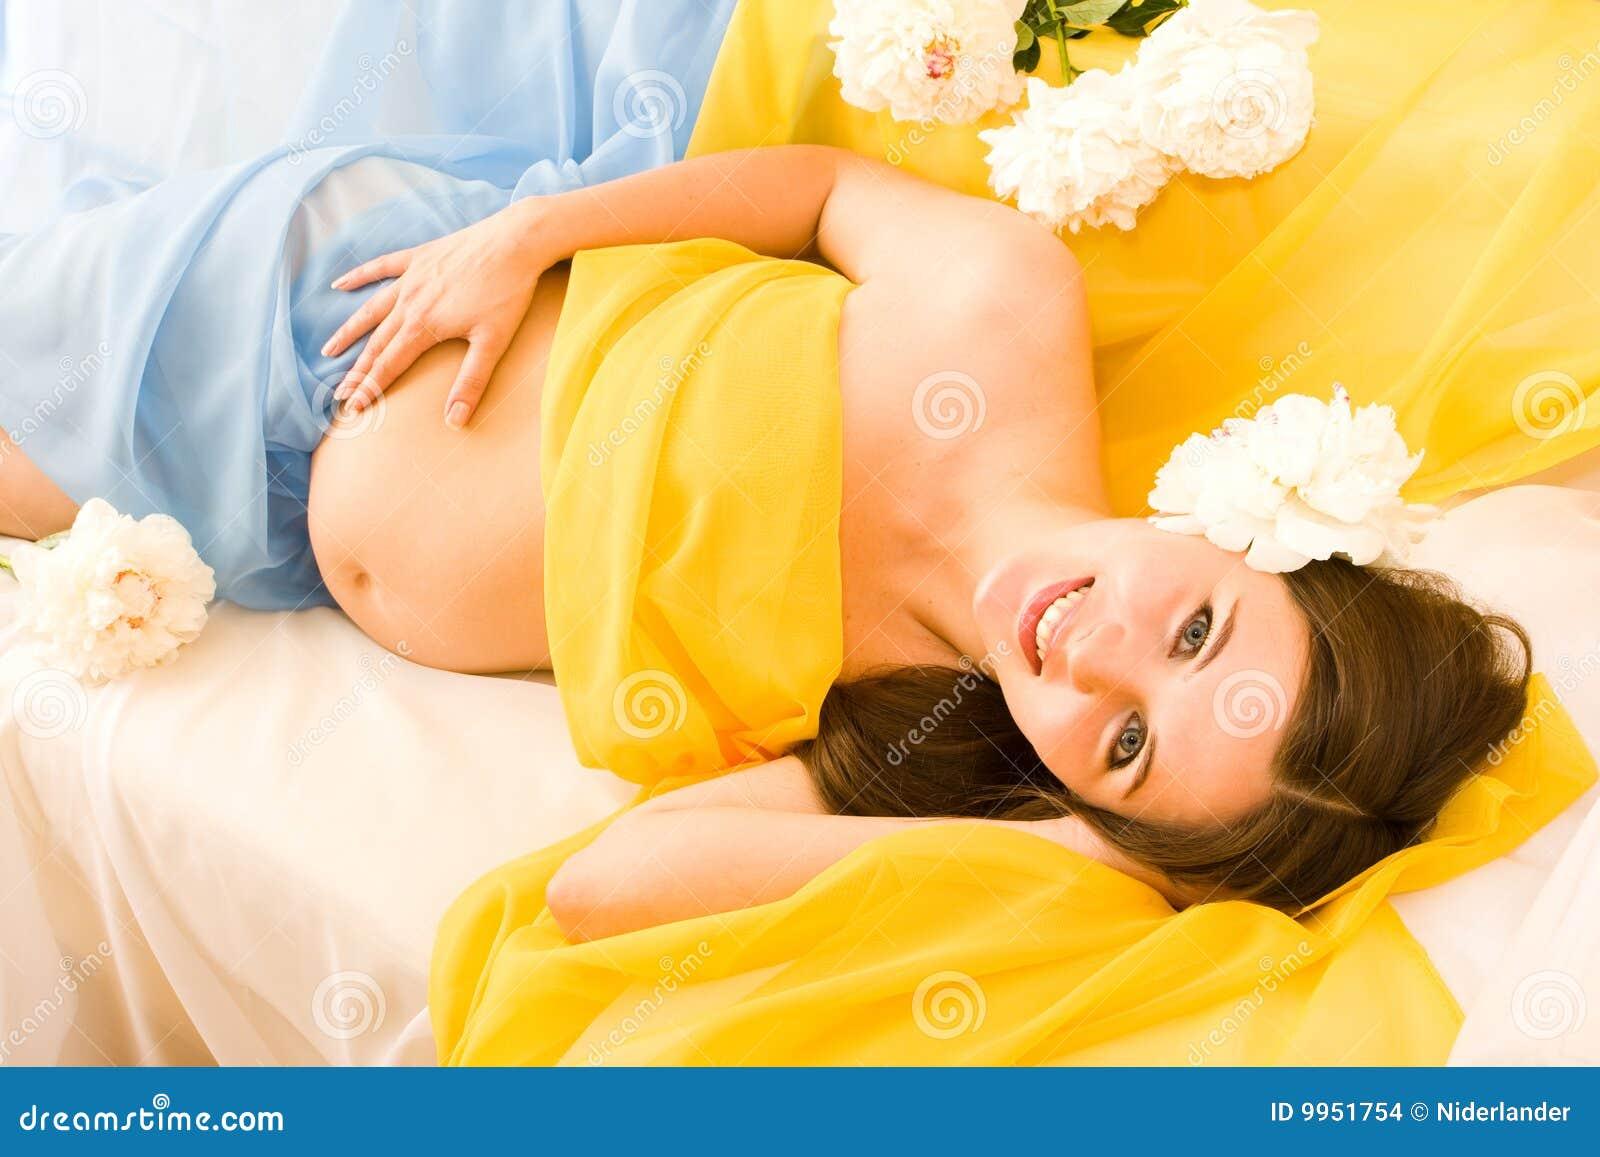 С беременной девушкой в ванне 26 фотография